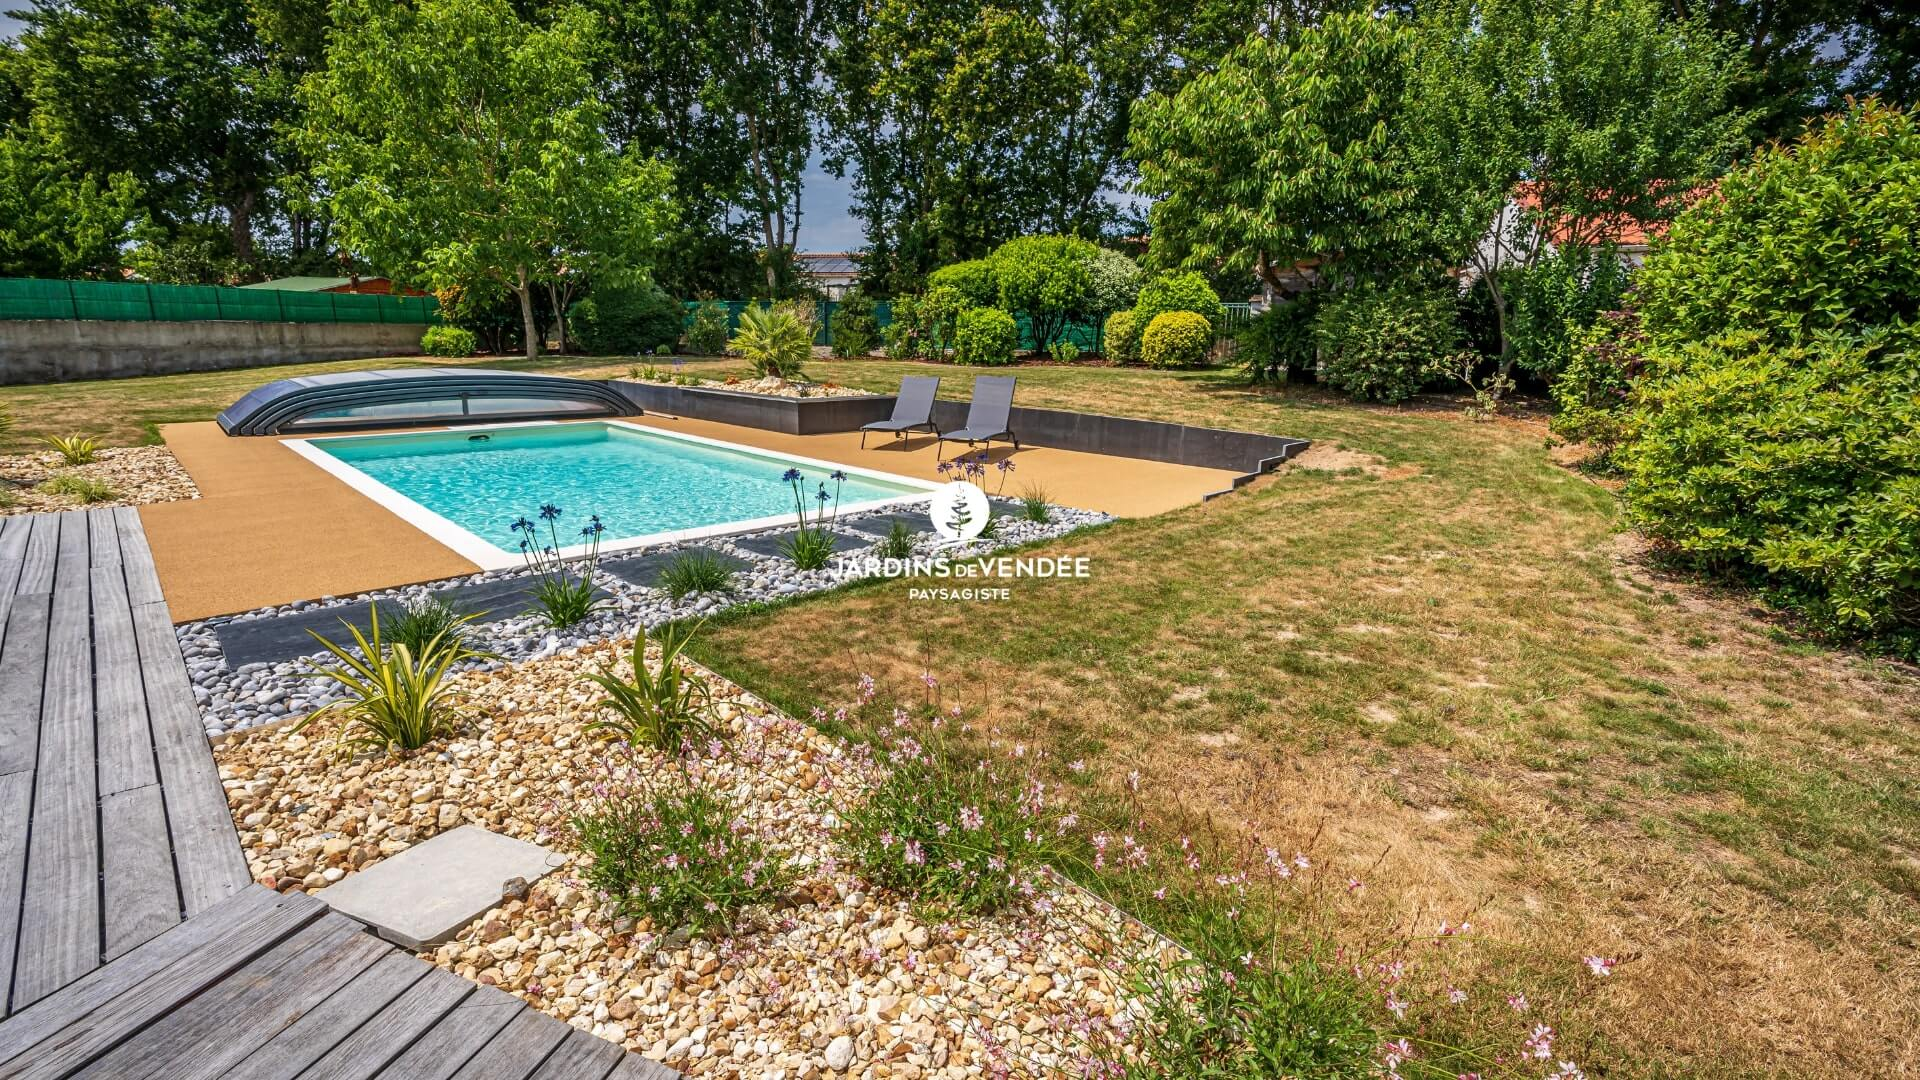 jardins-de-vendee-realisations-piscines-bassins(17)